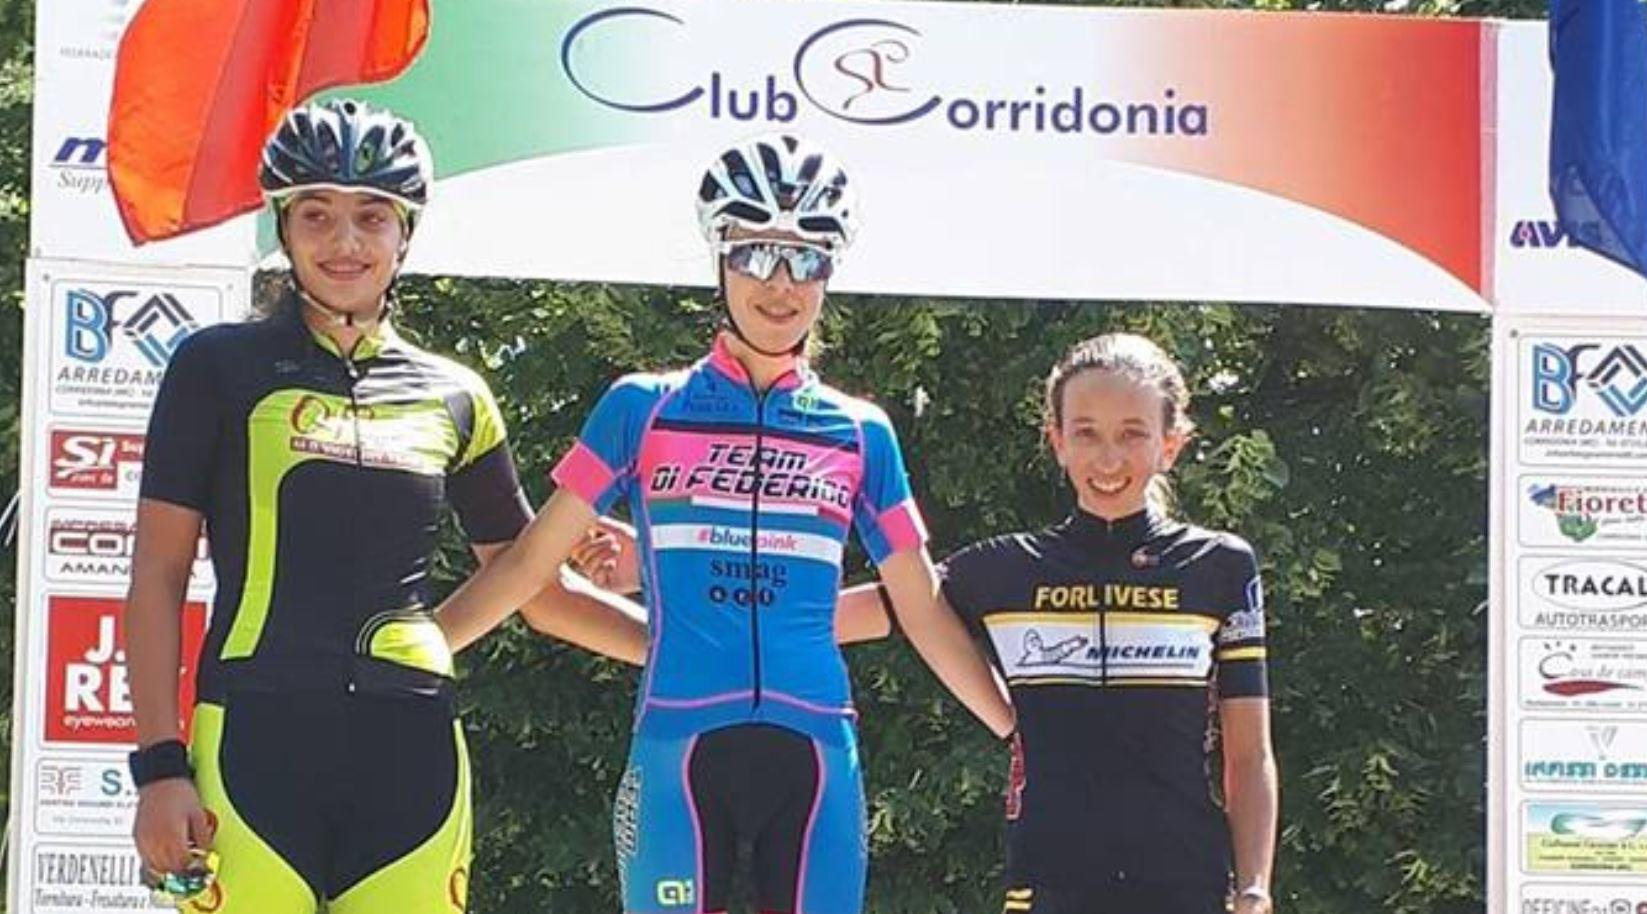 Il podio Donne Esordienti di Corridonia